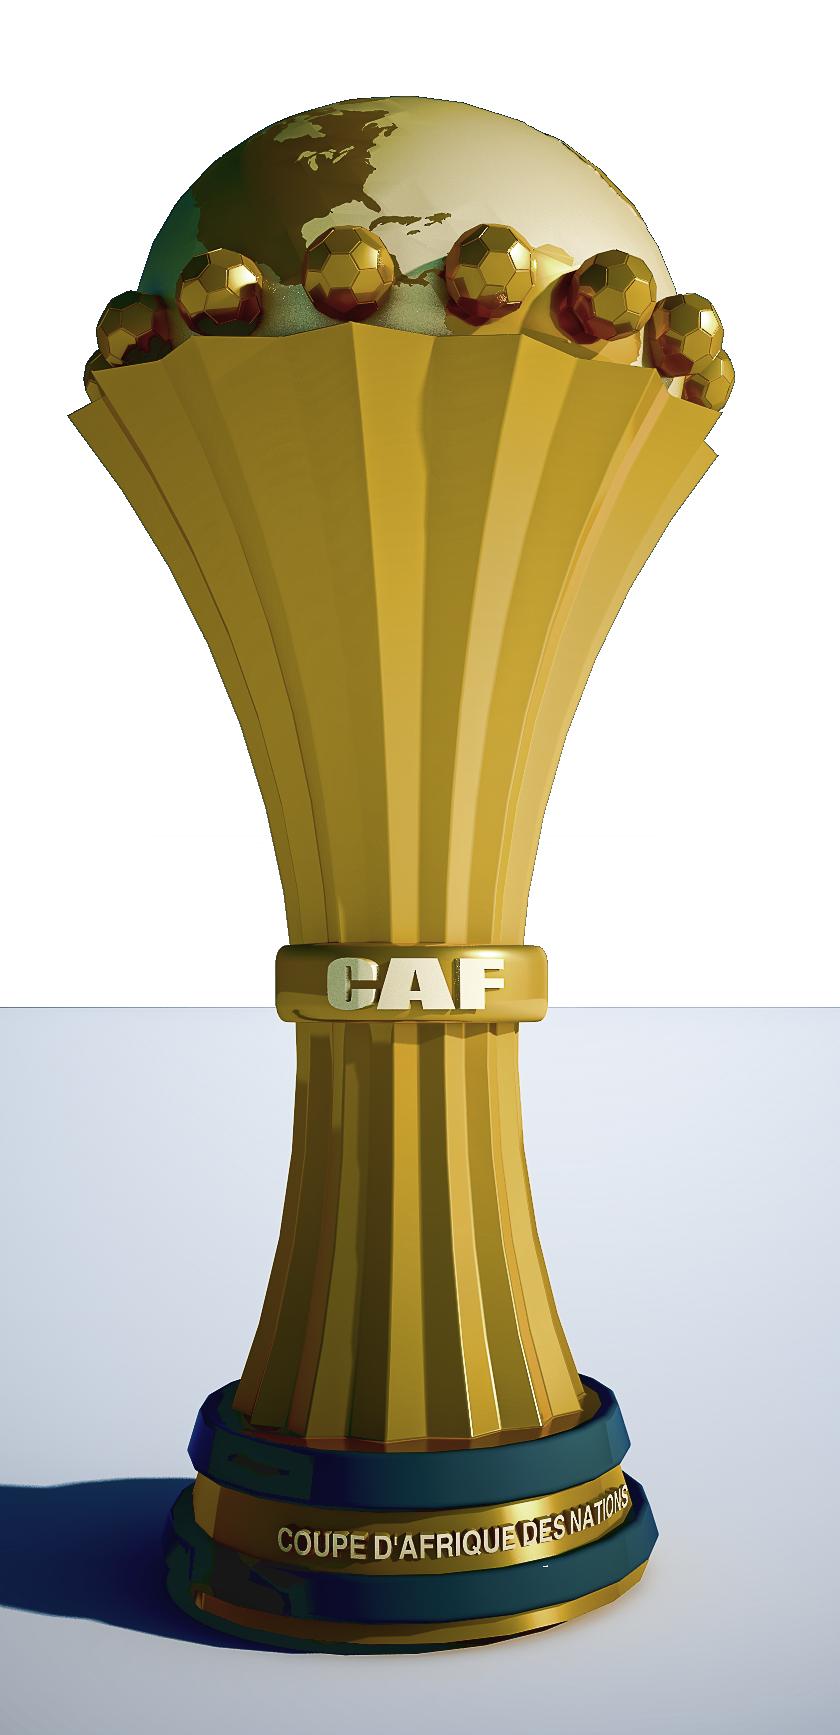 Coupe d afrique des nations - Match en direct gratuit coupe d afrique ...